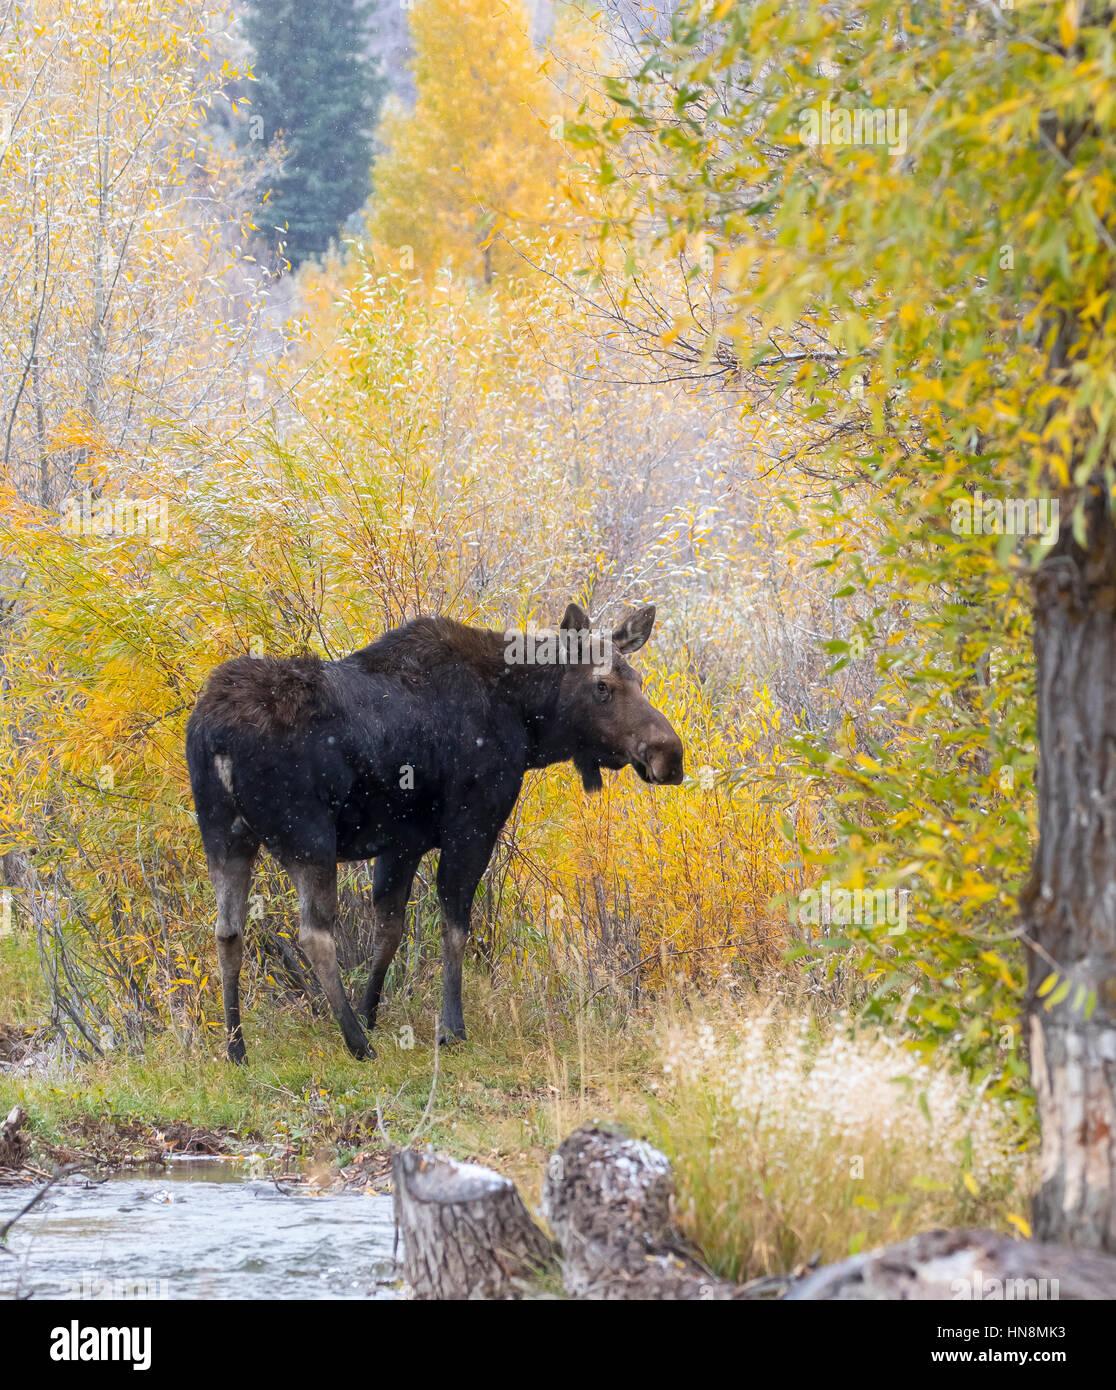 Les orignaux à côté de rivière avec des couleurs d'automne intense Photo Stock